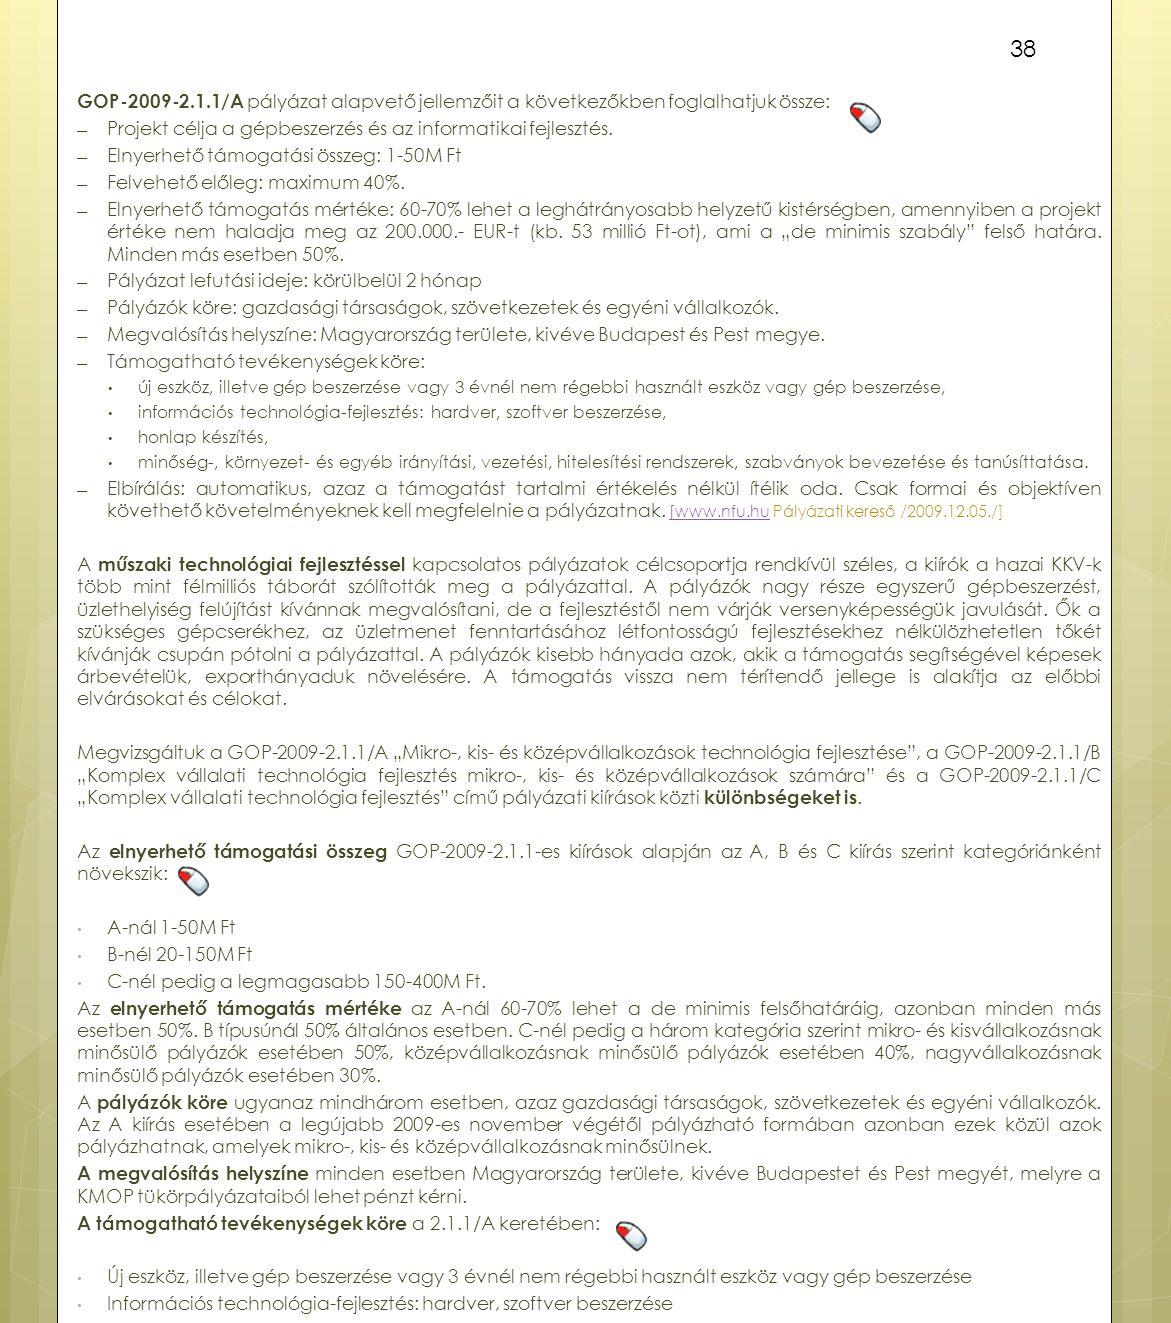 GOP-2009-2.1.1/A pályázat alapvető jellemzőit a következőkben foglalhatjuk össze: ― Projekt célja a gépbeszerzés és az informatikai fejlesztés. ― Elny